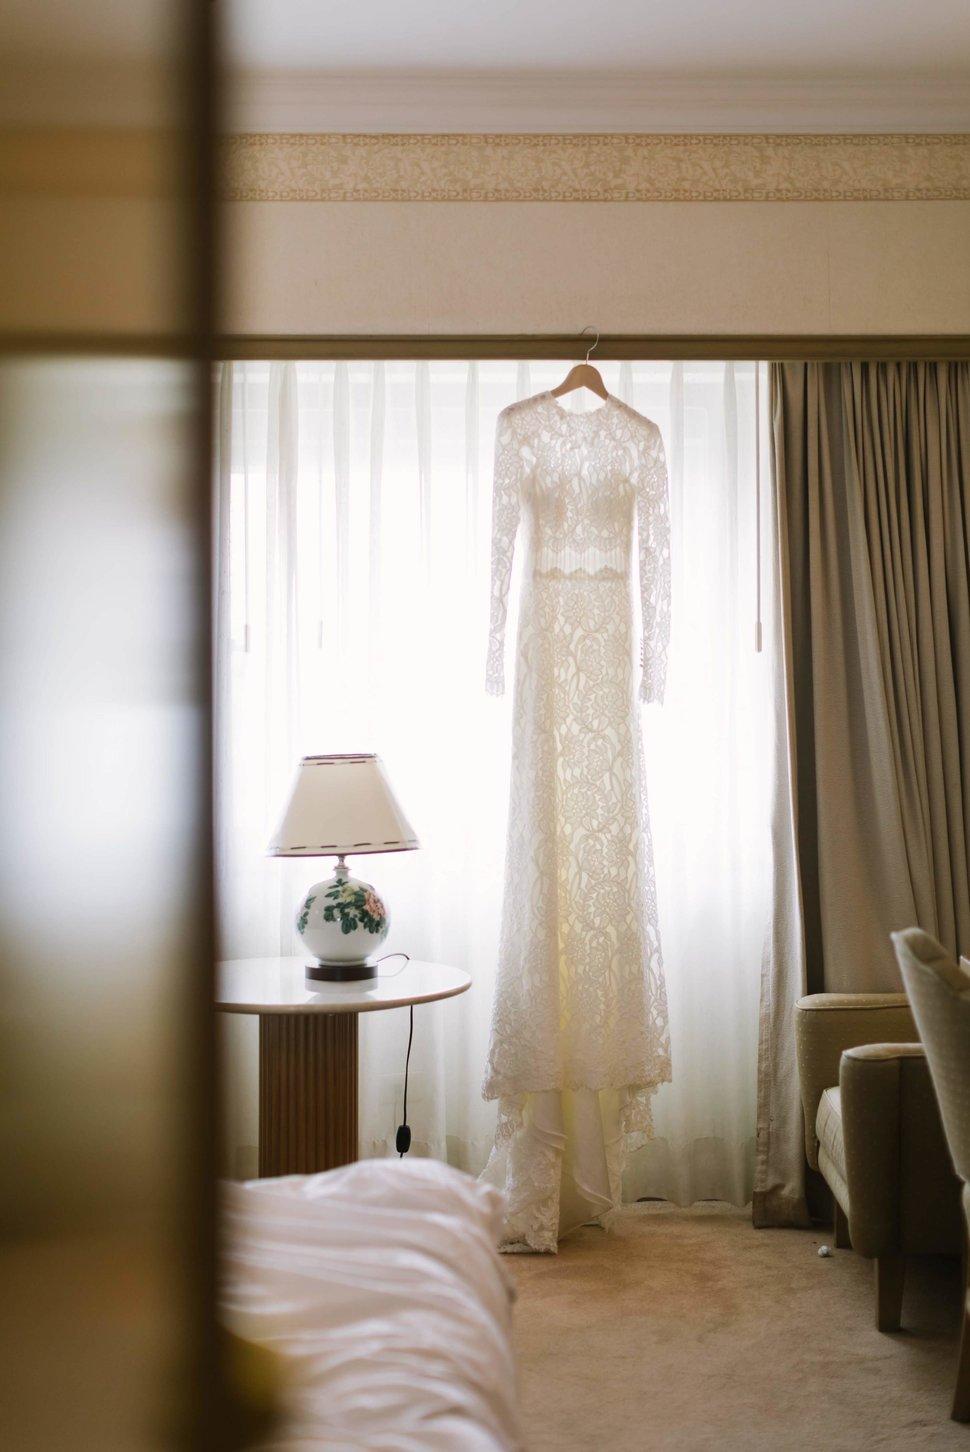 集食行樂婚禮-美式婚禮-美式婚禮紀錄-戶外證婚-美式婚紗-AG 婚攝Adam Chen- Amazing Grace 攝影美學 -台北婚禮紀錄 - Amazing Grace Studio32 - Amazing Grace Studio《結婚吧》